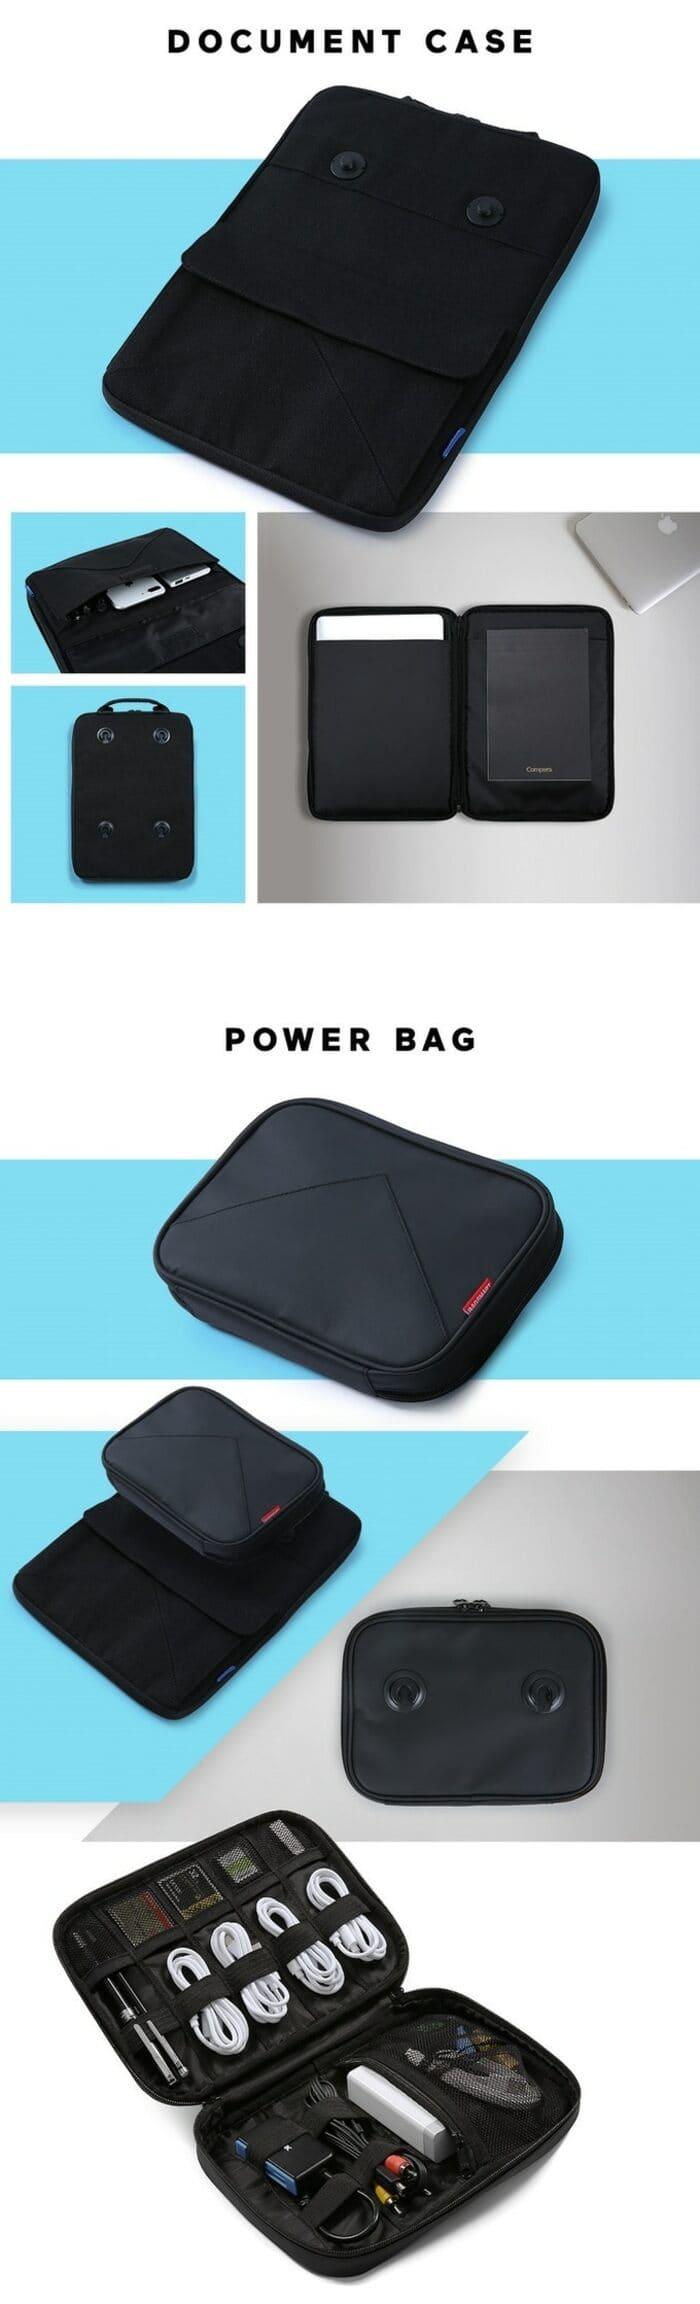 美國 Bagsmart 減重 相機背包12